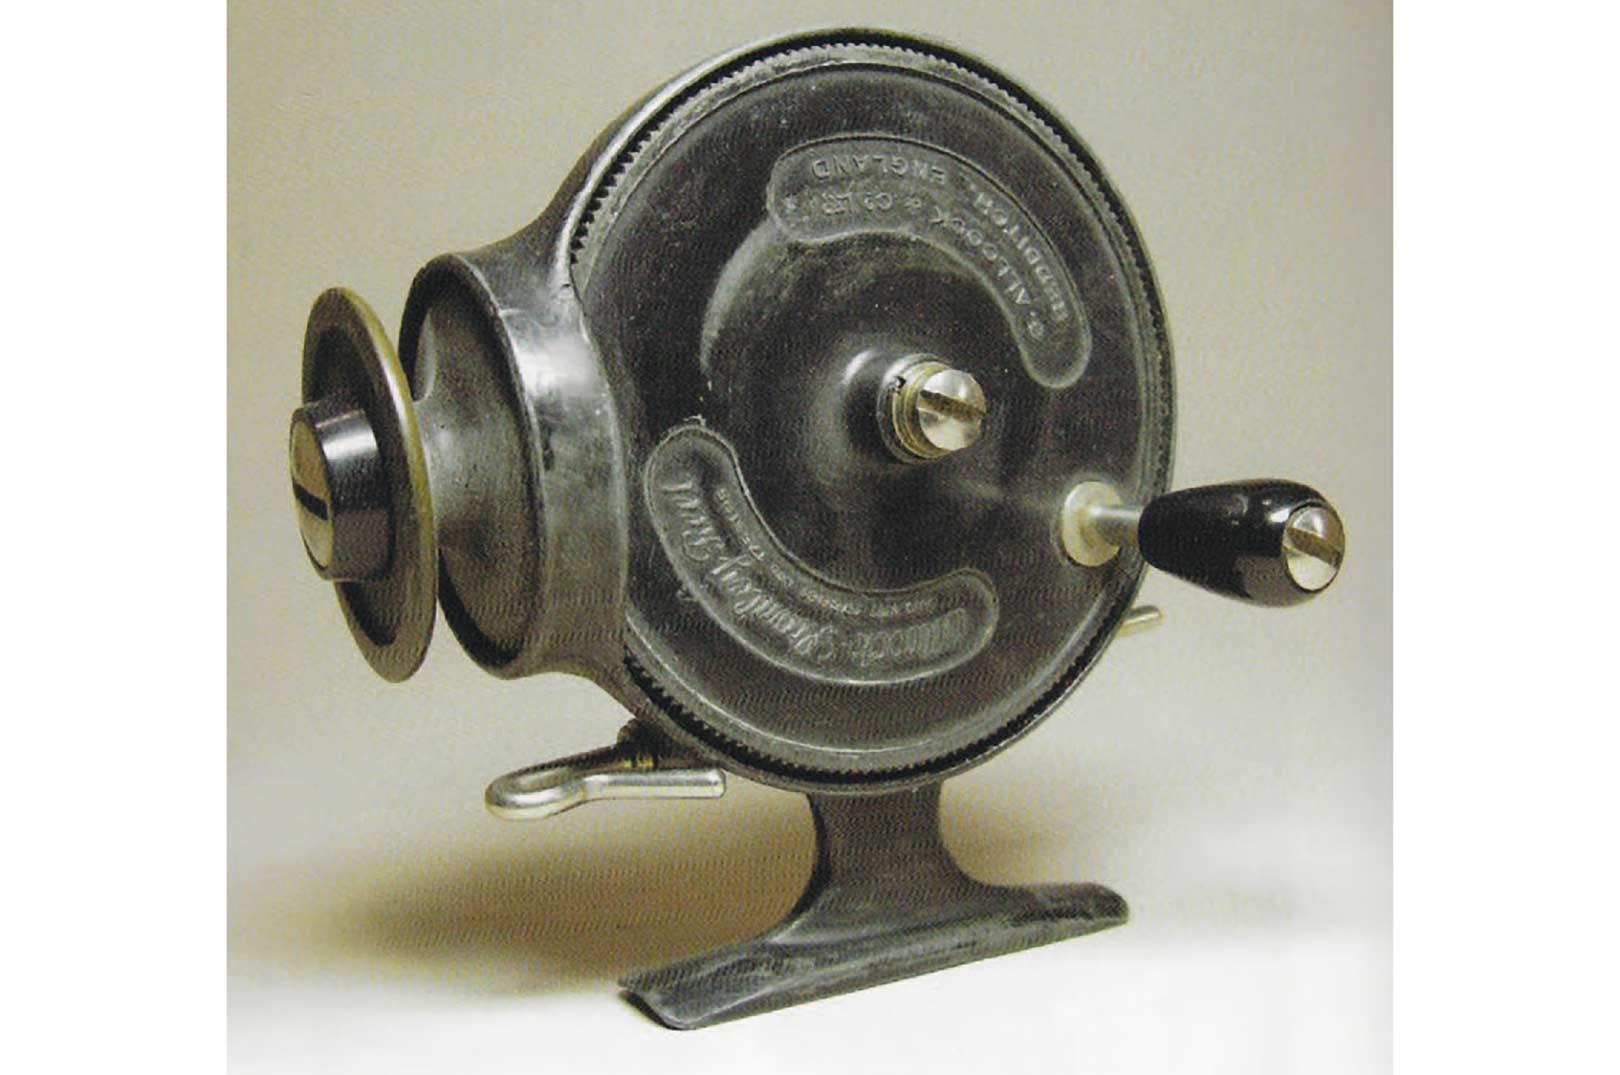 Allcook Stanley blev solgt i mere end 20 år, og var en lidt særpræget udgave af et fastspolehjul.